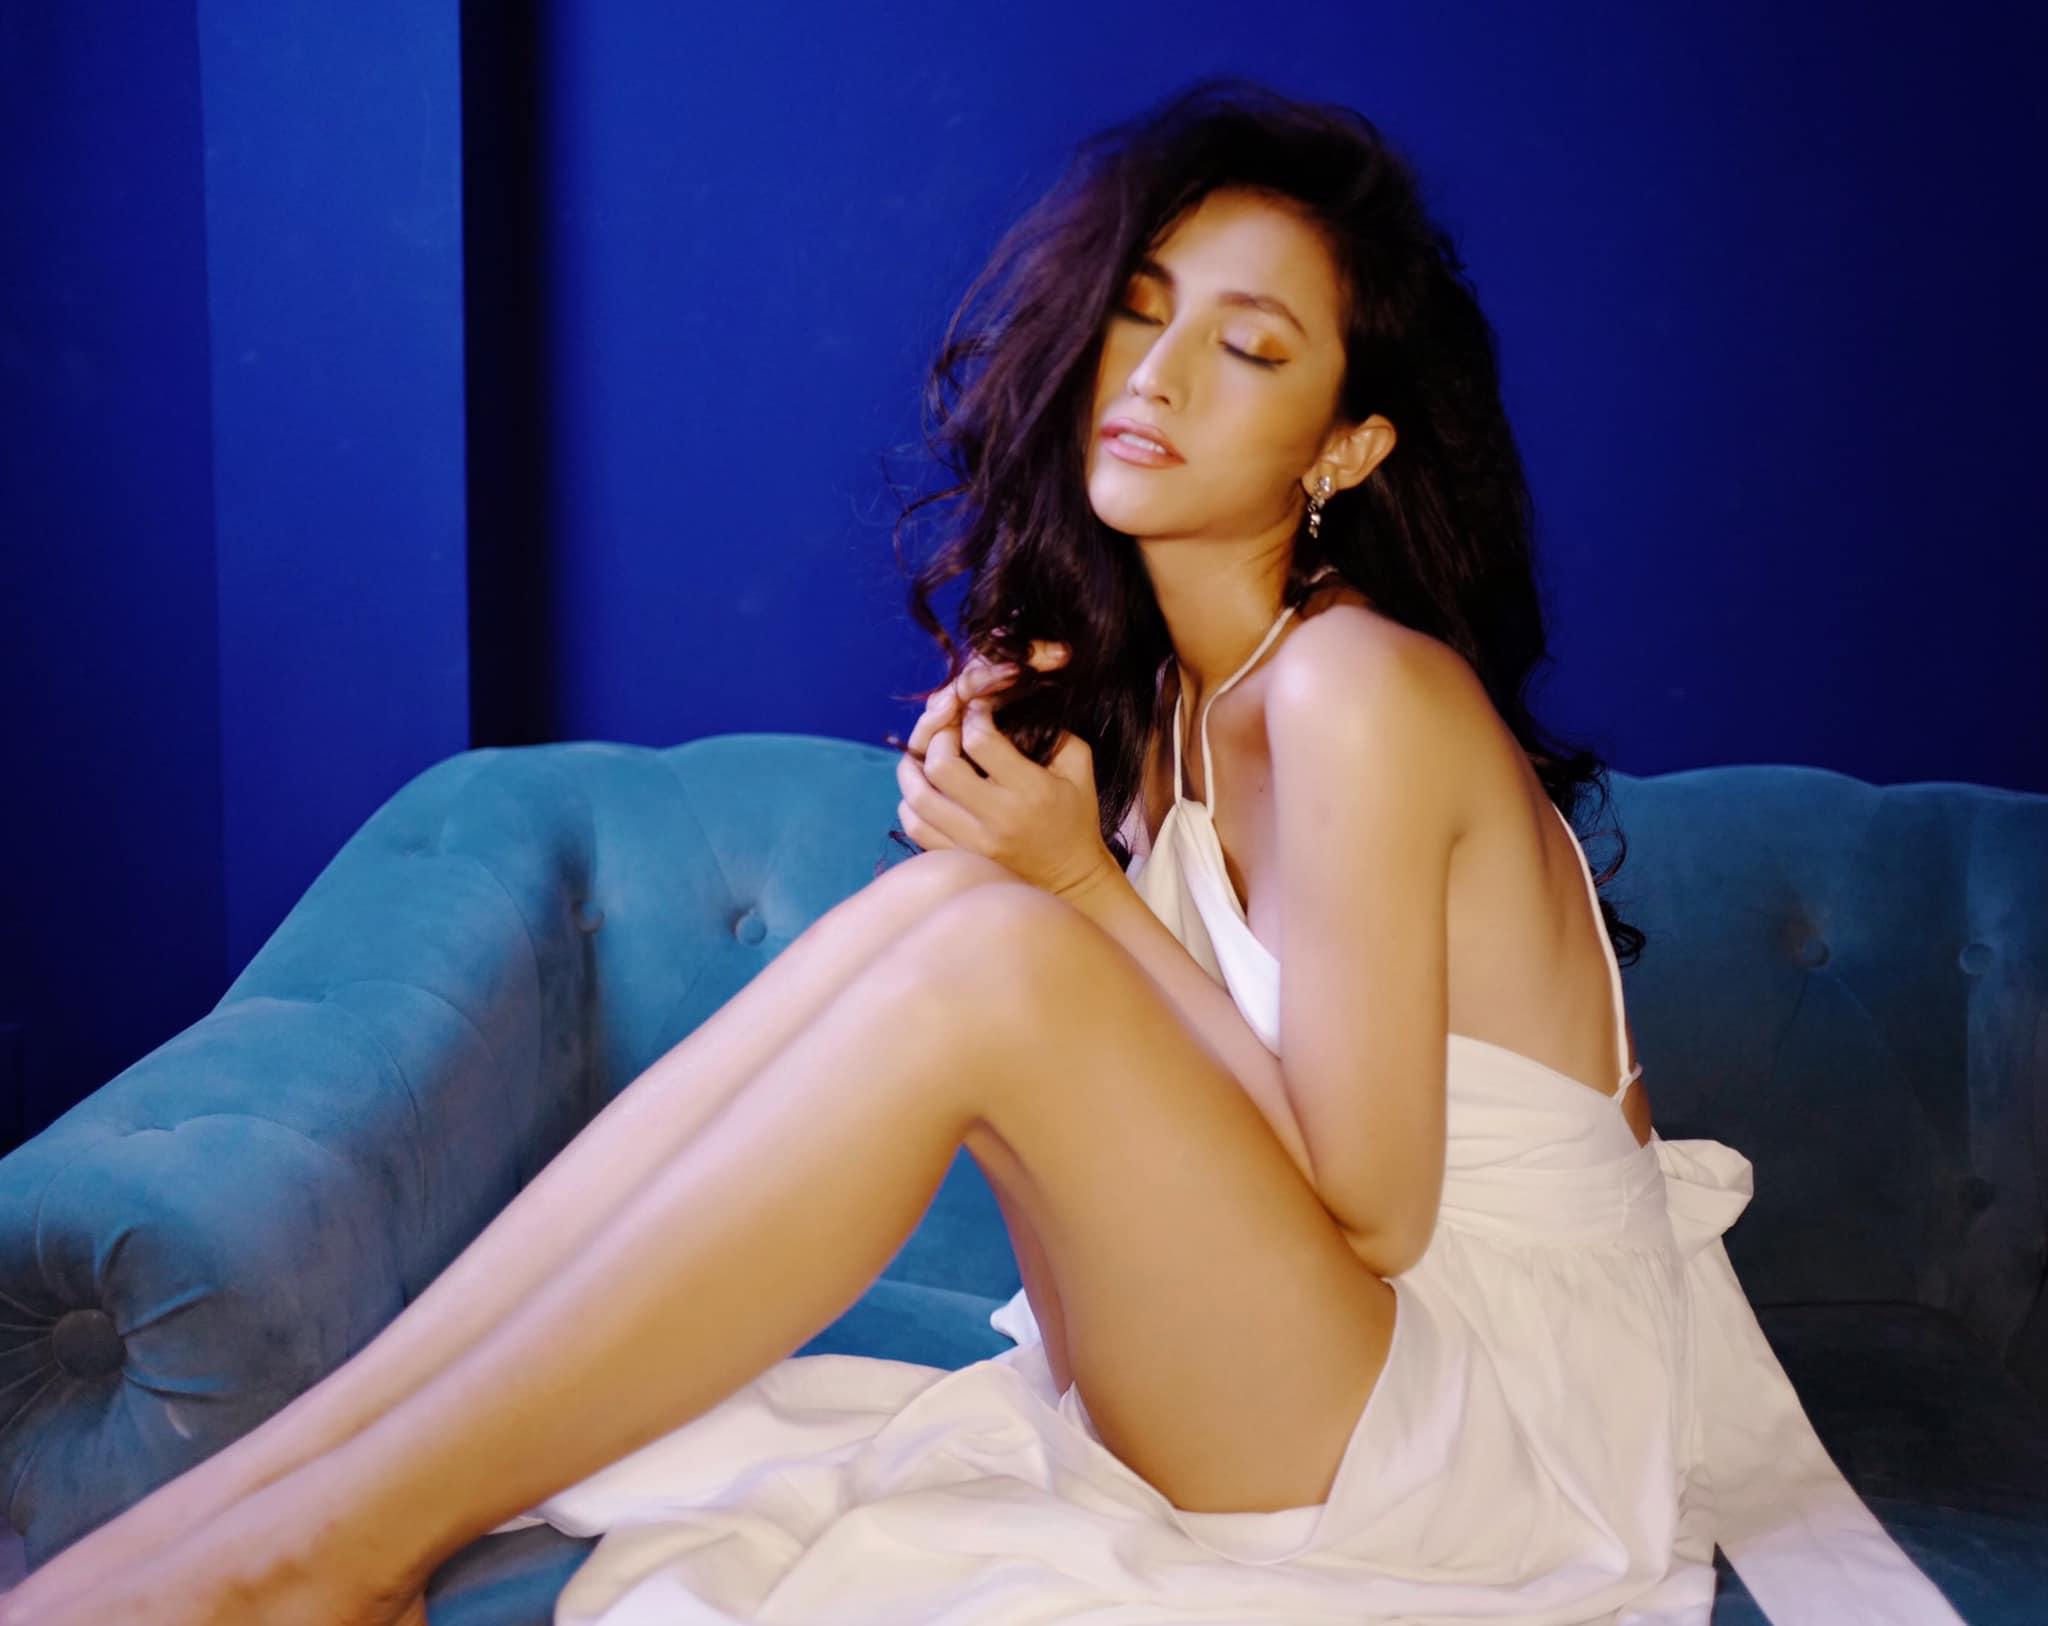 Hoa hậu chuyển giới đầu tiên của VN nóng bỏng thế này, bảo sao Trọng Hiếu không si mê - 9